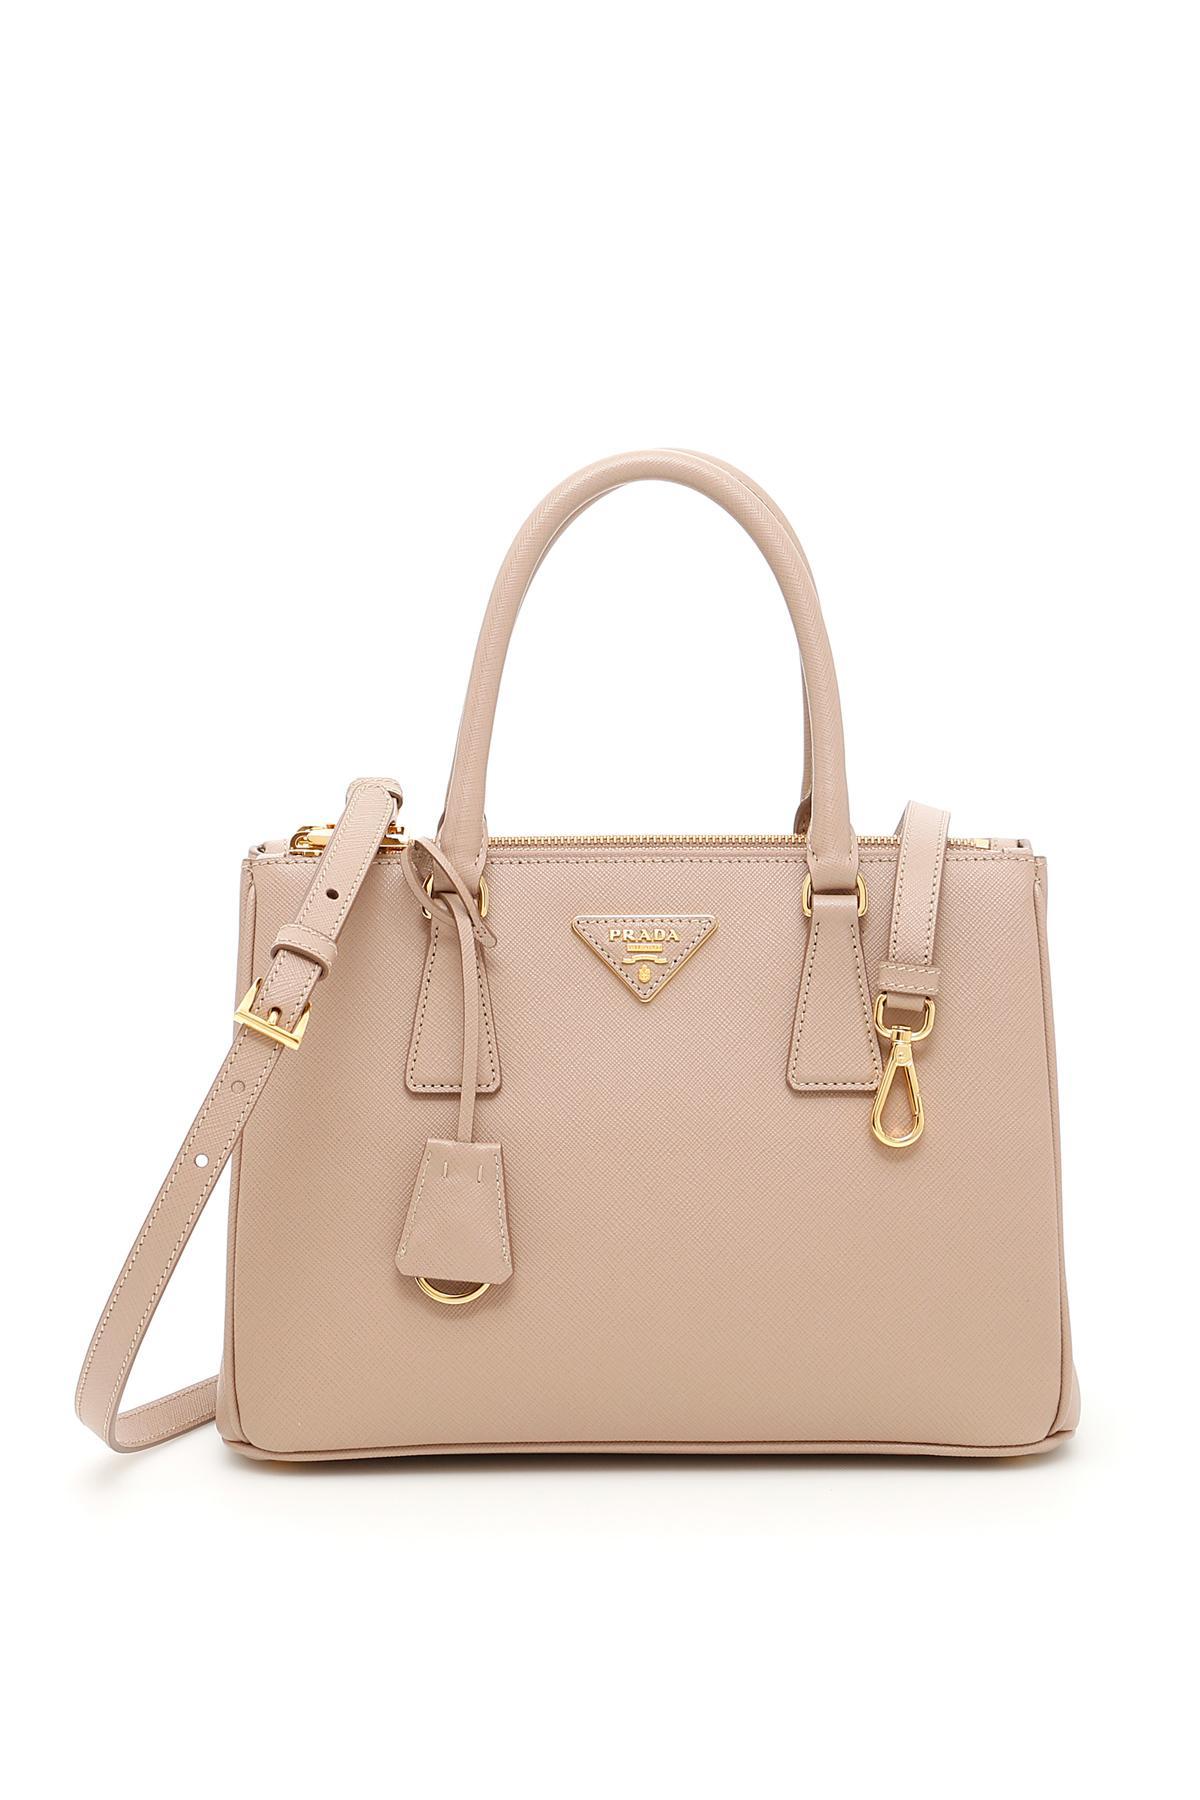 f10ff3fcc539 Lyst - Prada Galleria Saffiano Small Leather Tote - Save ...